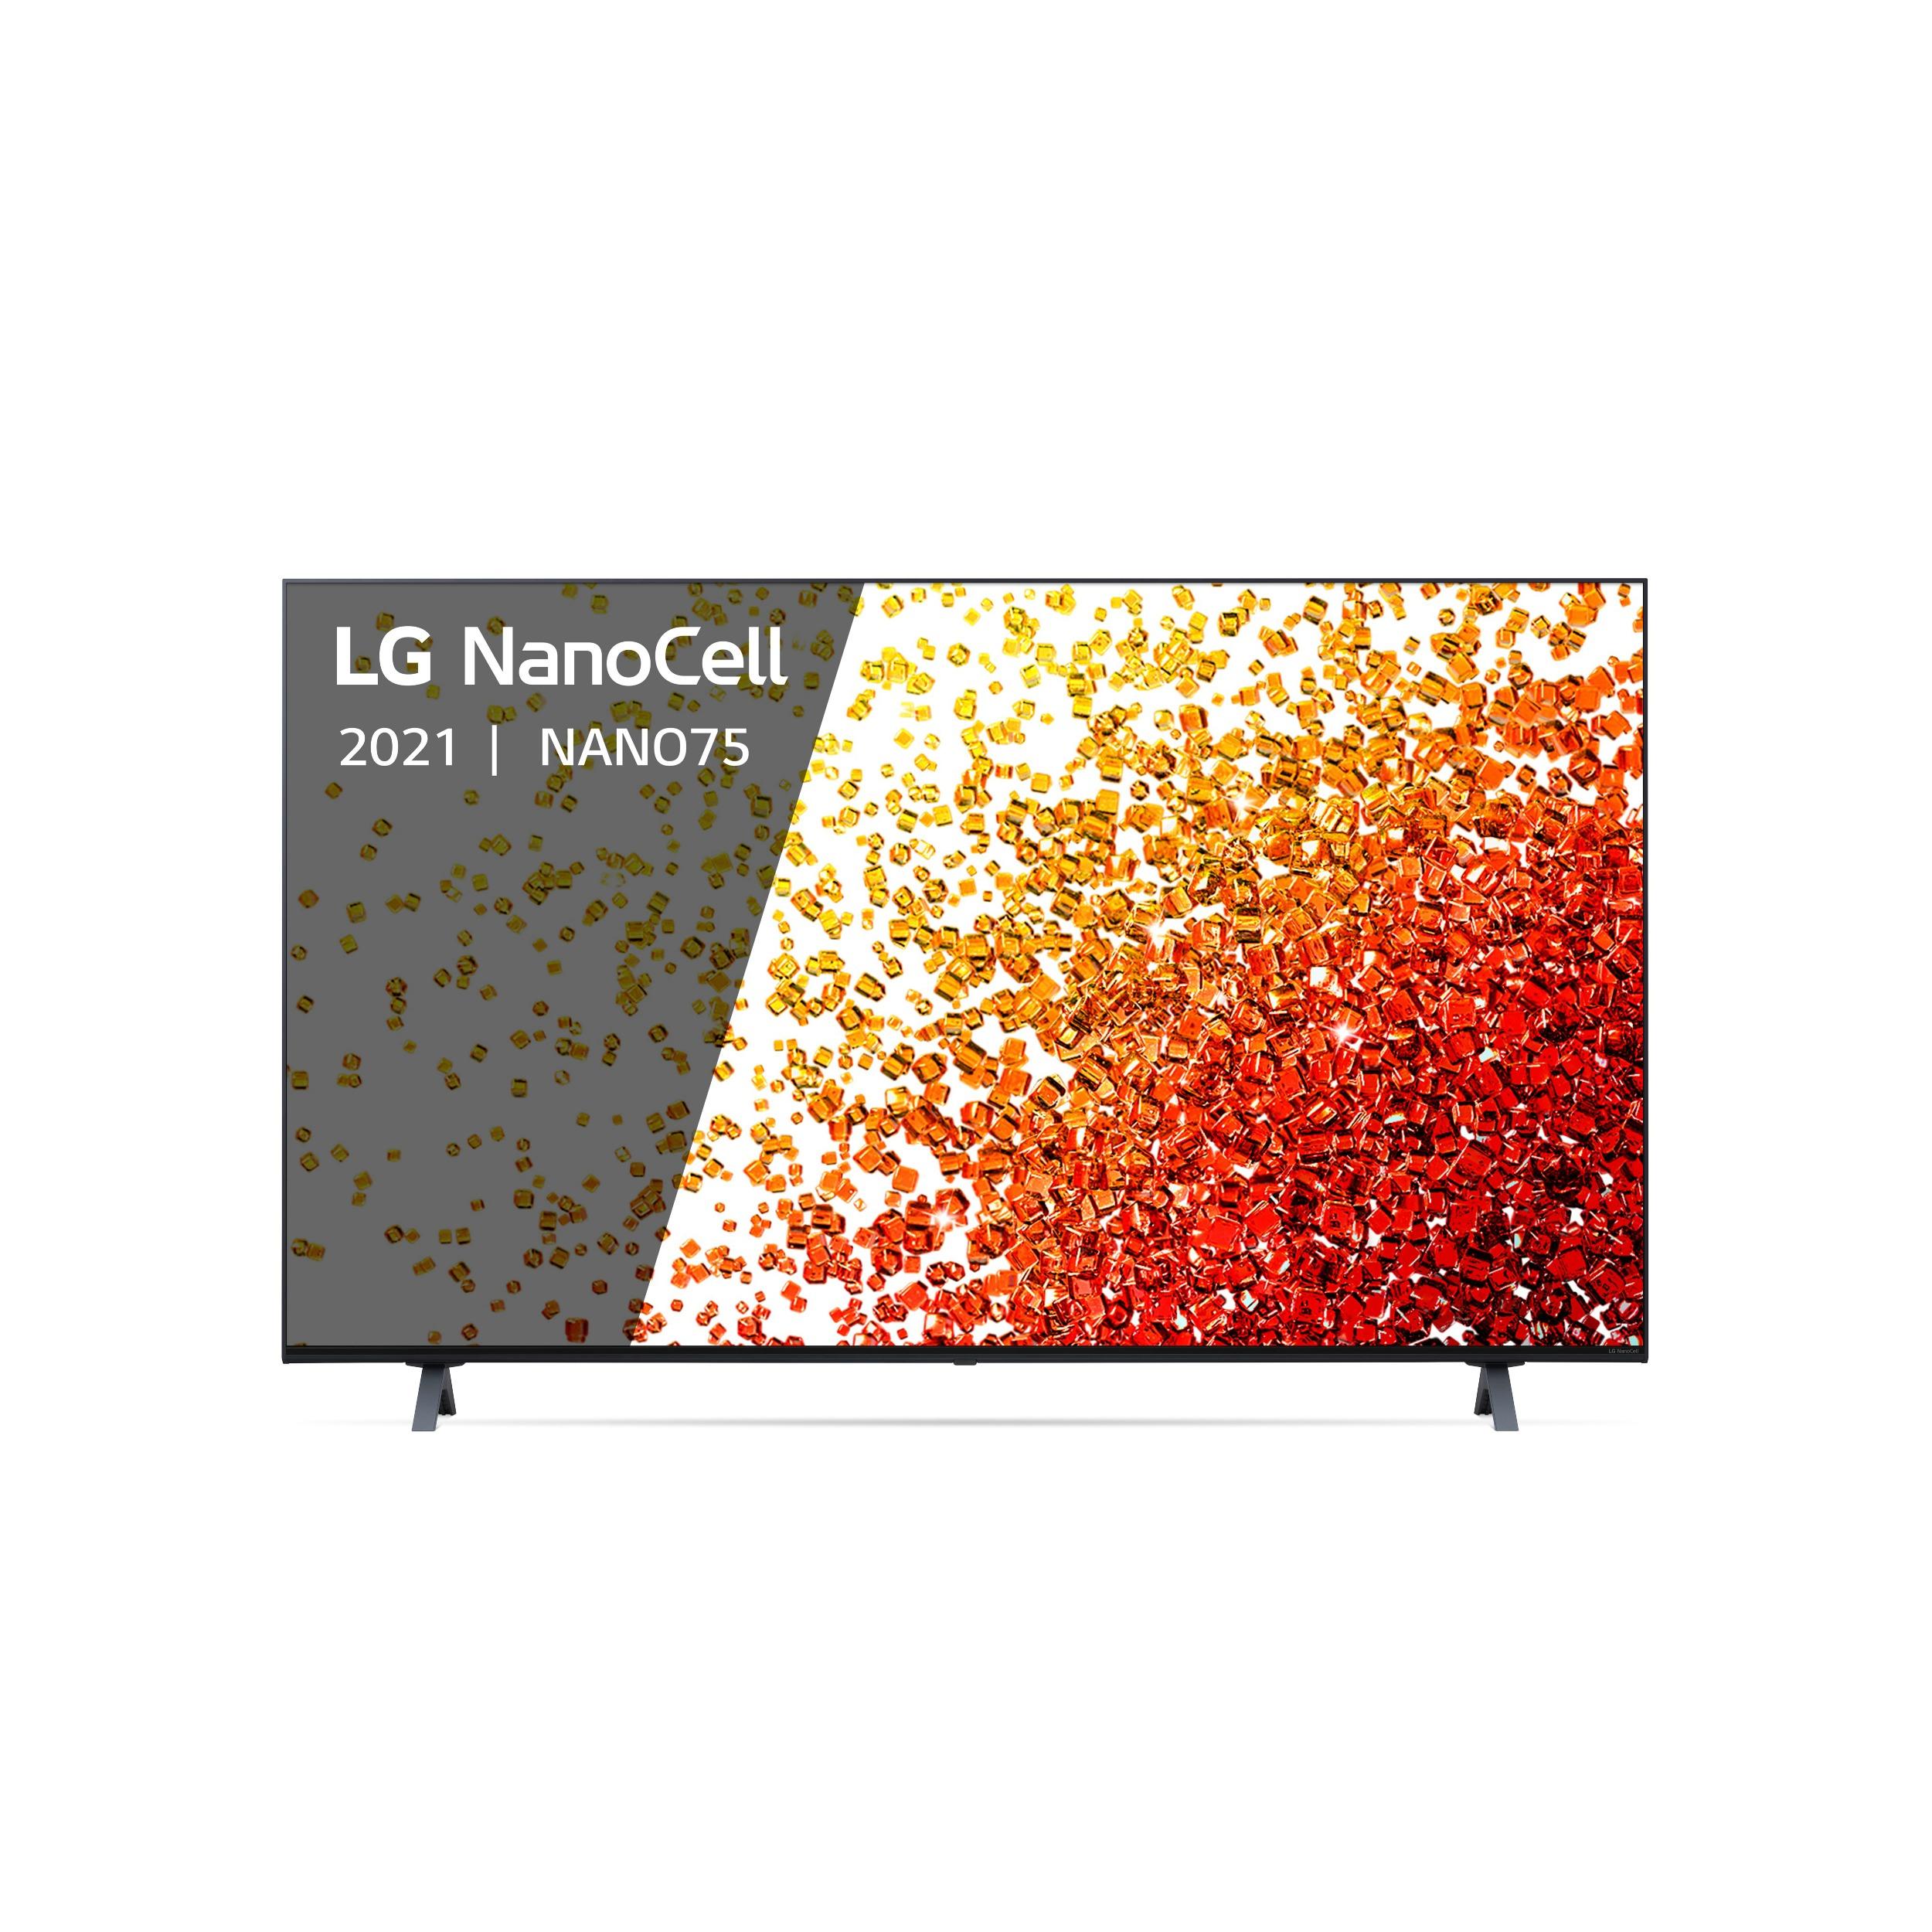 Op WoonWinkelCentrum: Alles voor de inrichting van uw woning is alles over televisie te vinden: waaronder expert en specifiek LG 65NANO756PA - 65 inch UHD TV (LG-65NANO756PA---65-inch-UHD-TV372589597)